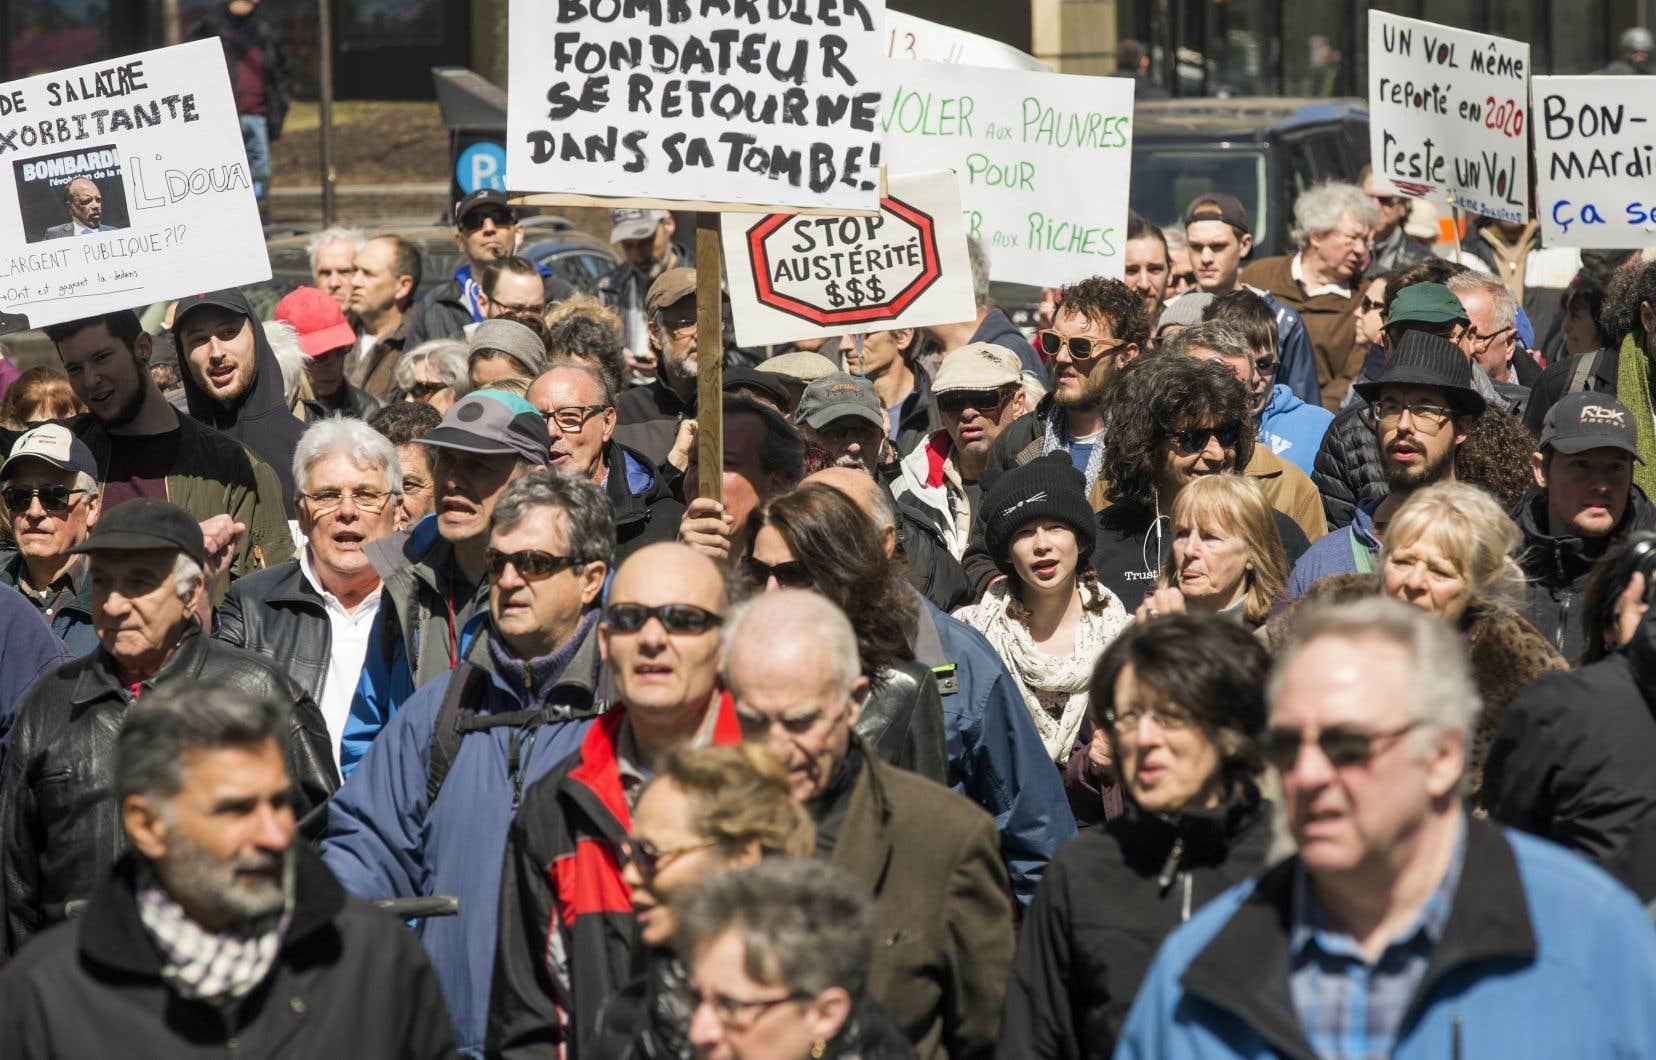 Il y a un an, des centaines de citoyens avaient pris la rue spontanément afin de s'opposer à ce détournement massif de fonds publics dans les poches des grands patrons de Bombardier, rappellent les auteurs.